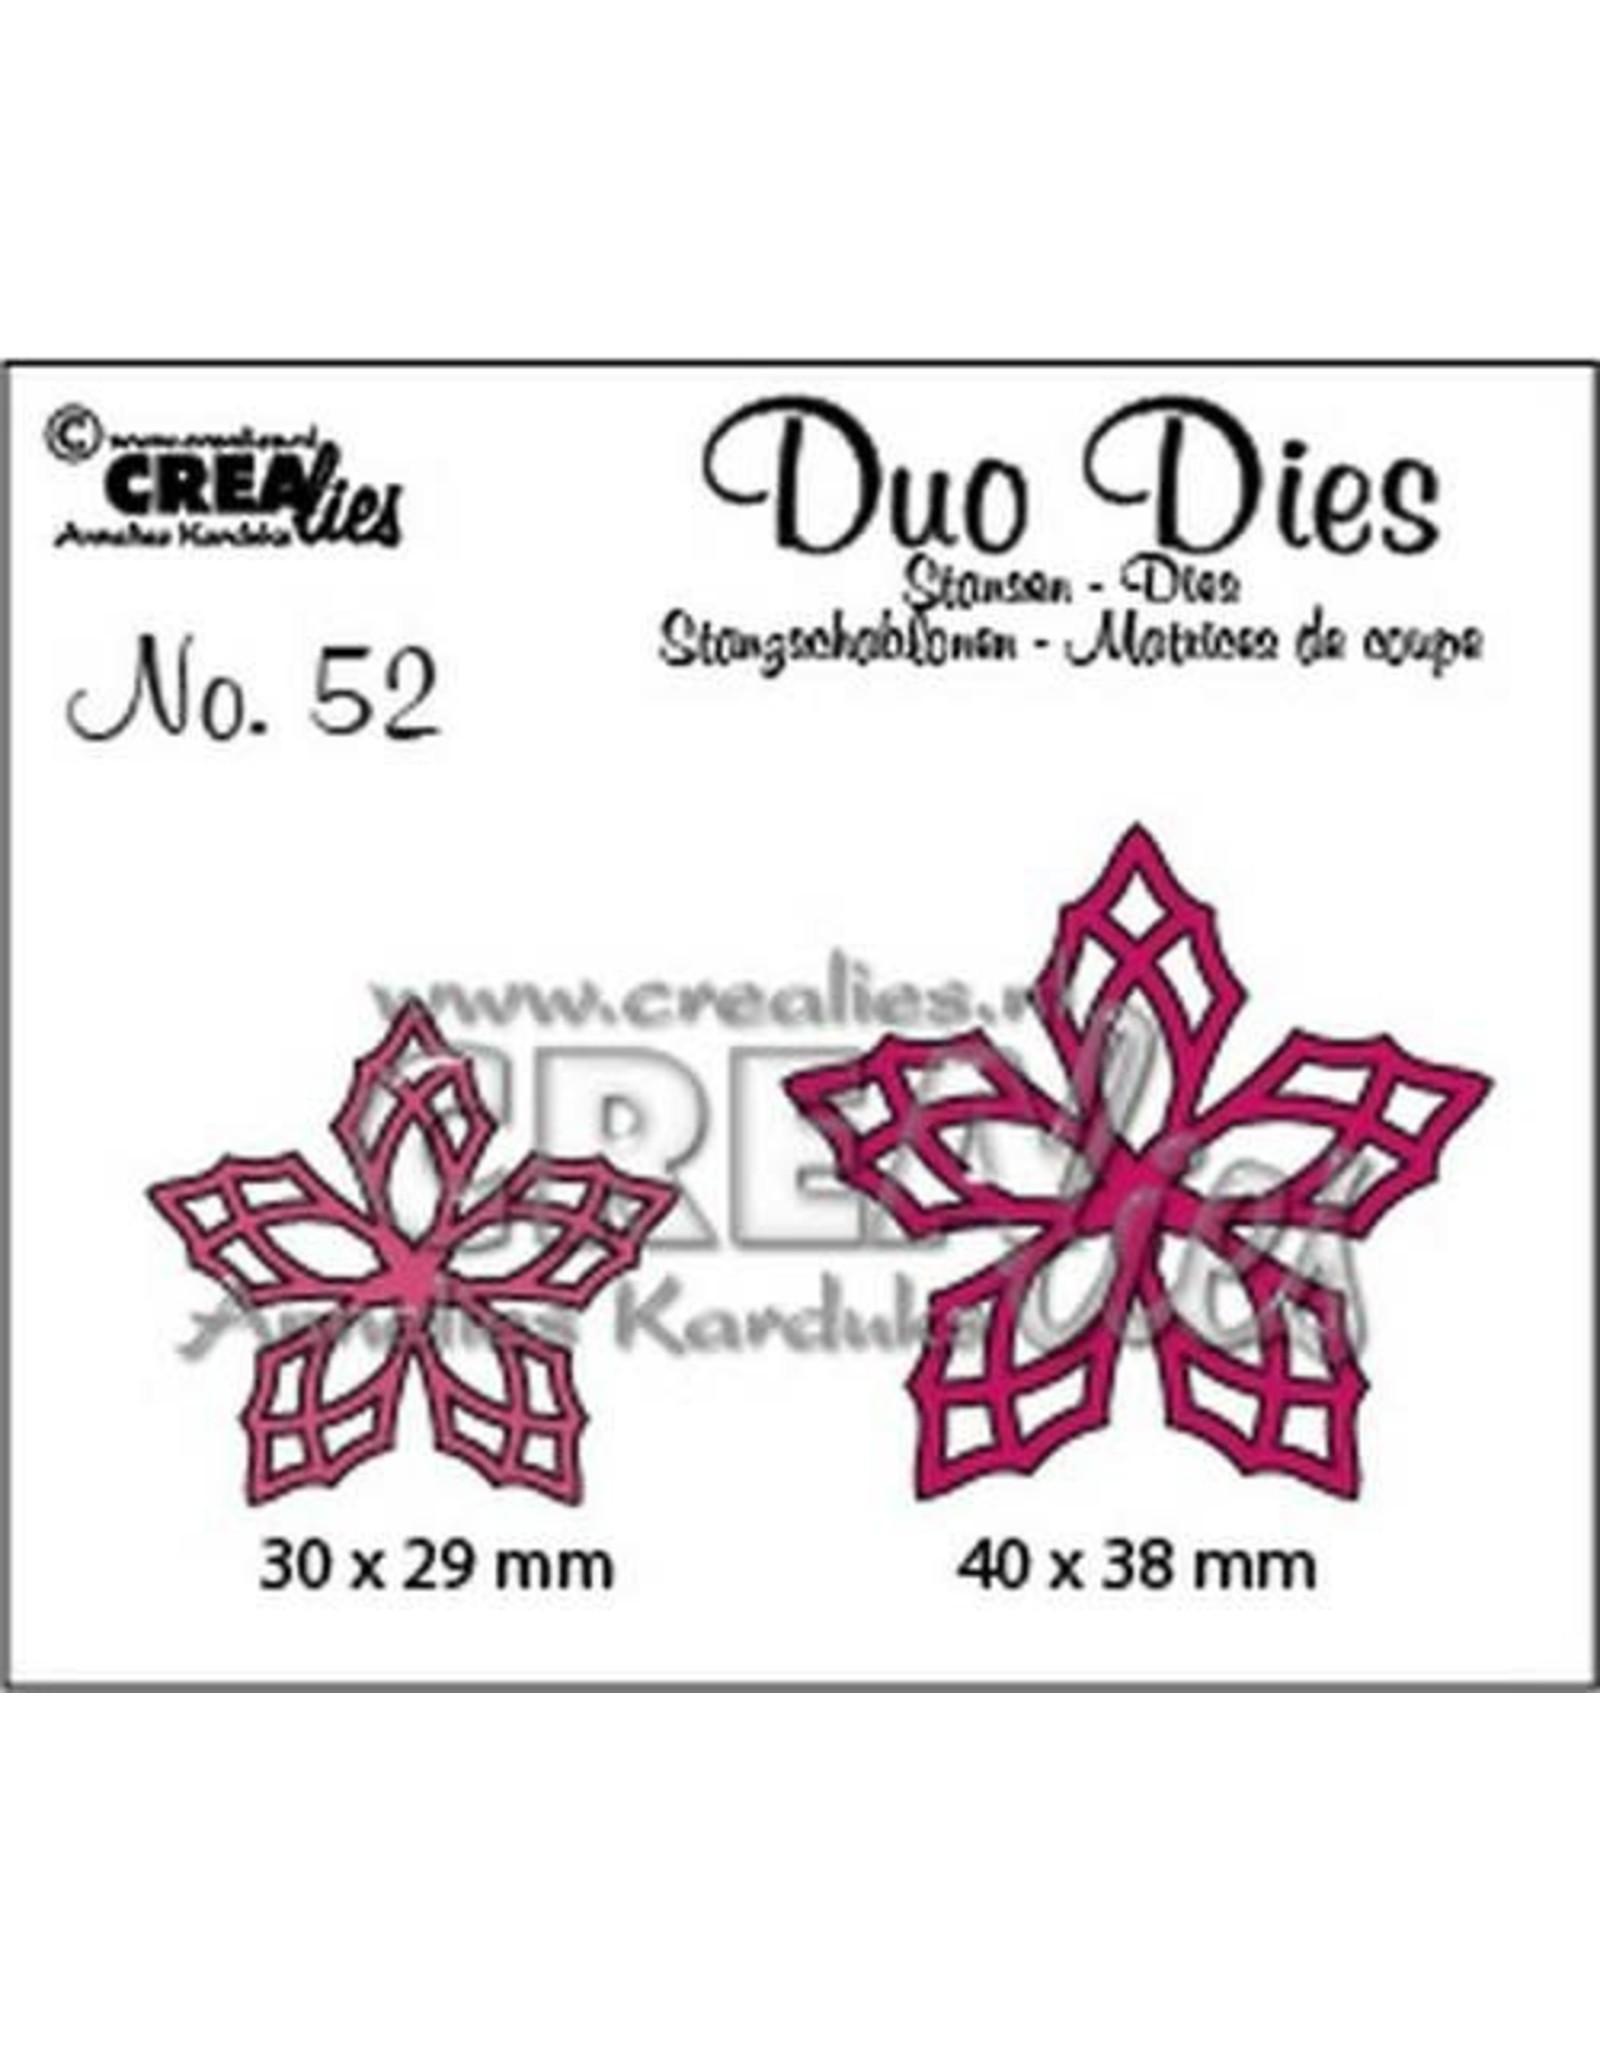 Crealies Duo Dies no. 52 bloemen 23 CLDD52 30 x 29 mm - 40 x 38 mm